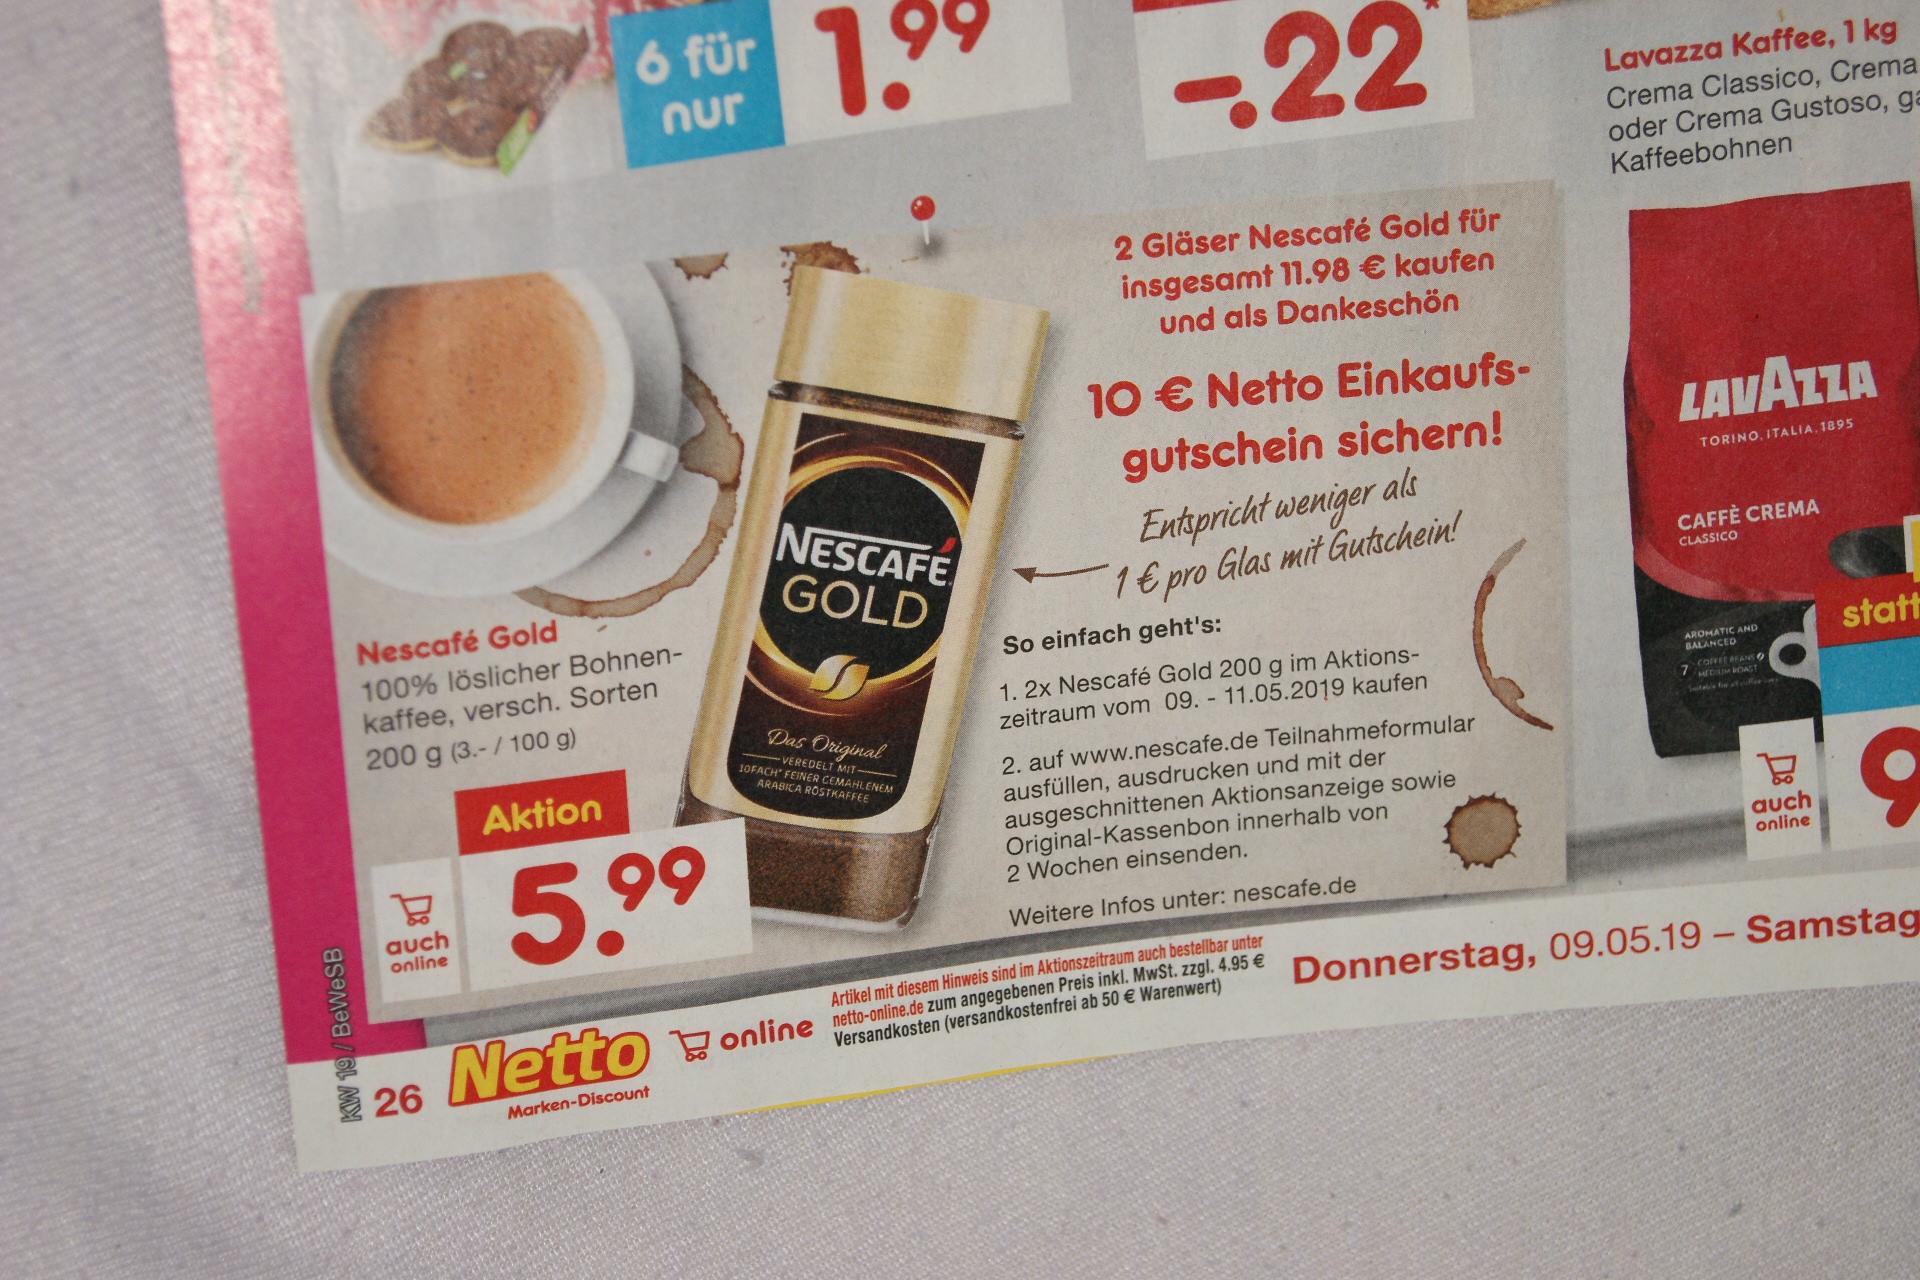 2x Nescafe Gold Kaffee + 10 Euro-Gutschein für Netto für 12,68 Euro bei Netto (ohne Scottie) bundesweit